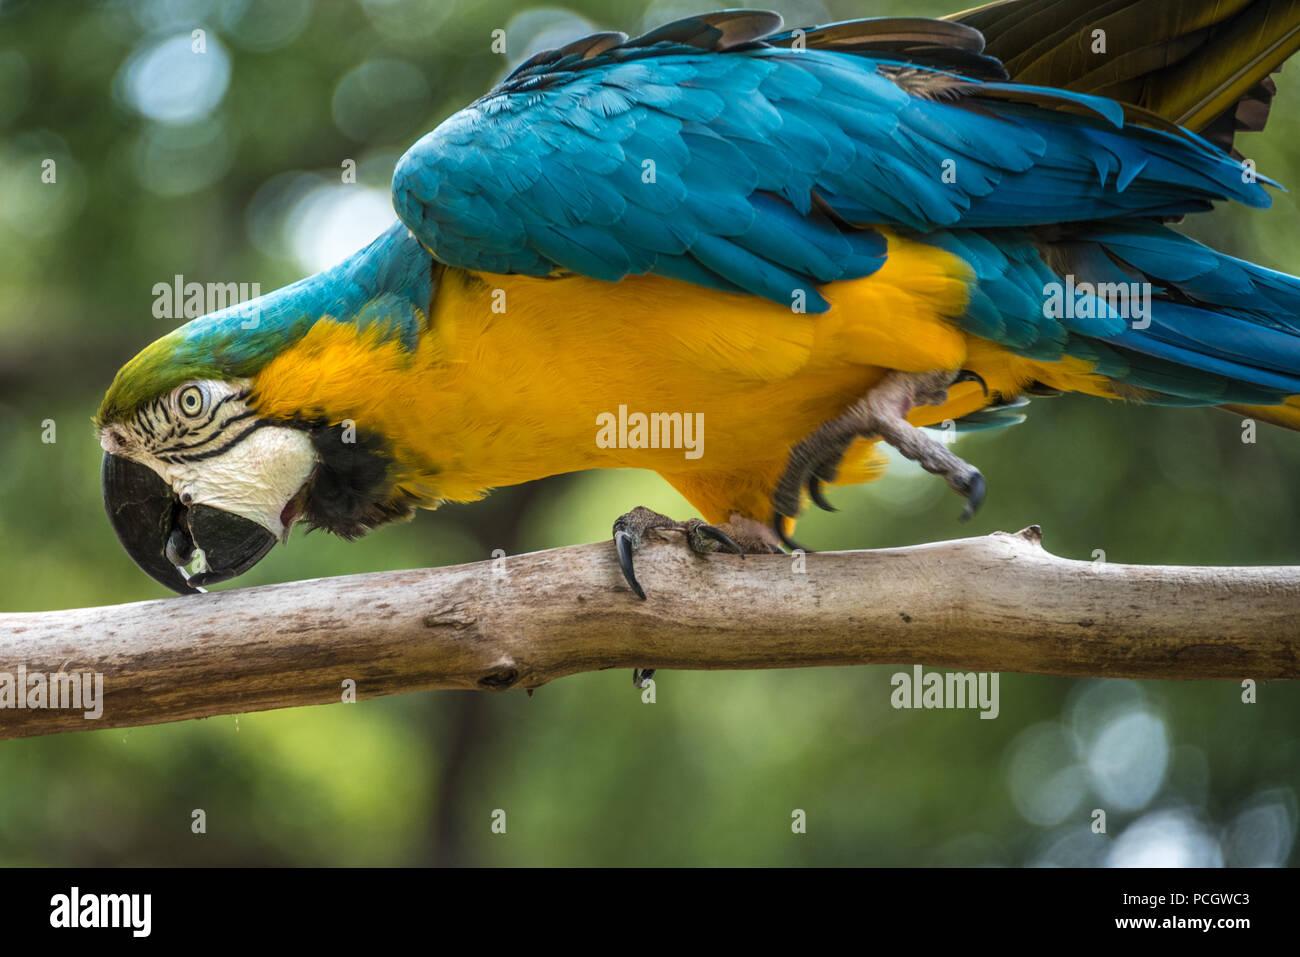 Un bleu-et-jaune macaw (également connu sous le nom de bleu et or macaw) à la St Augustine Alligator Farm Zoological Park à Saint Augustine, FL. (USA) Photo Stock